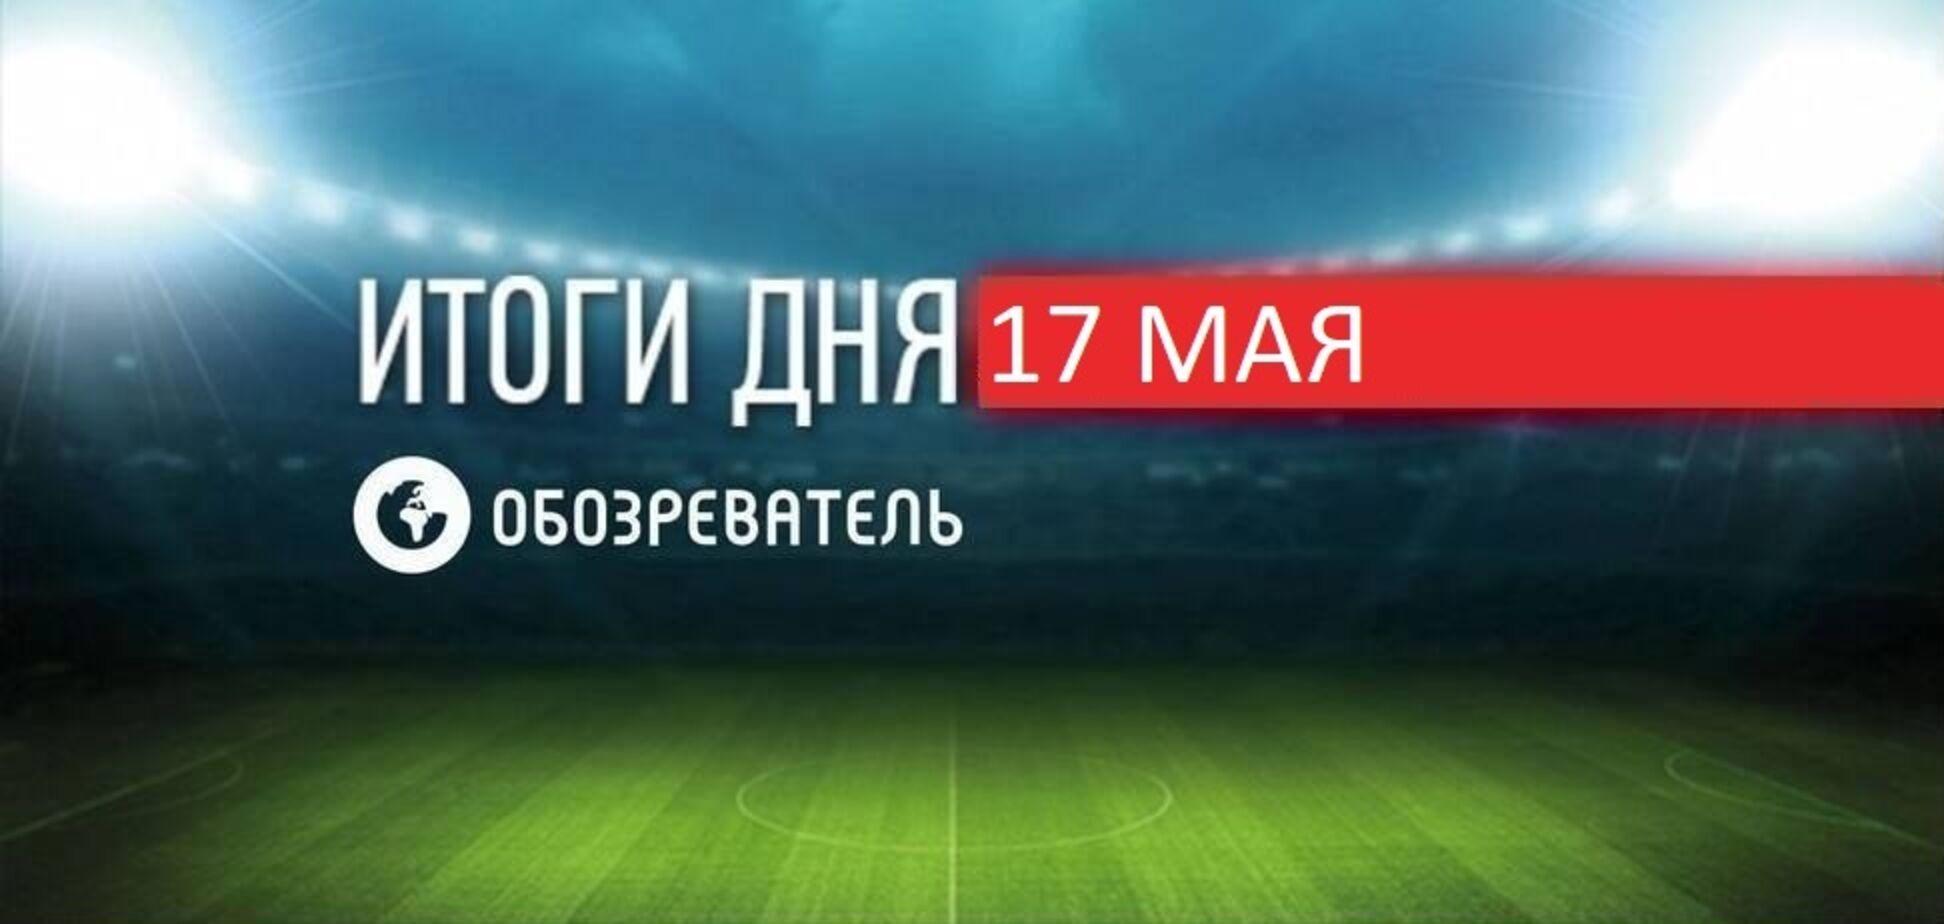 Новини спорту 17 травня: англійський футболіст отримав паспорт України